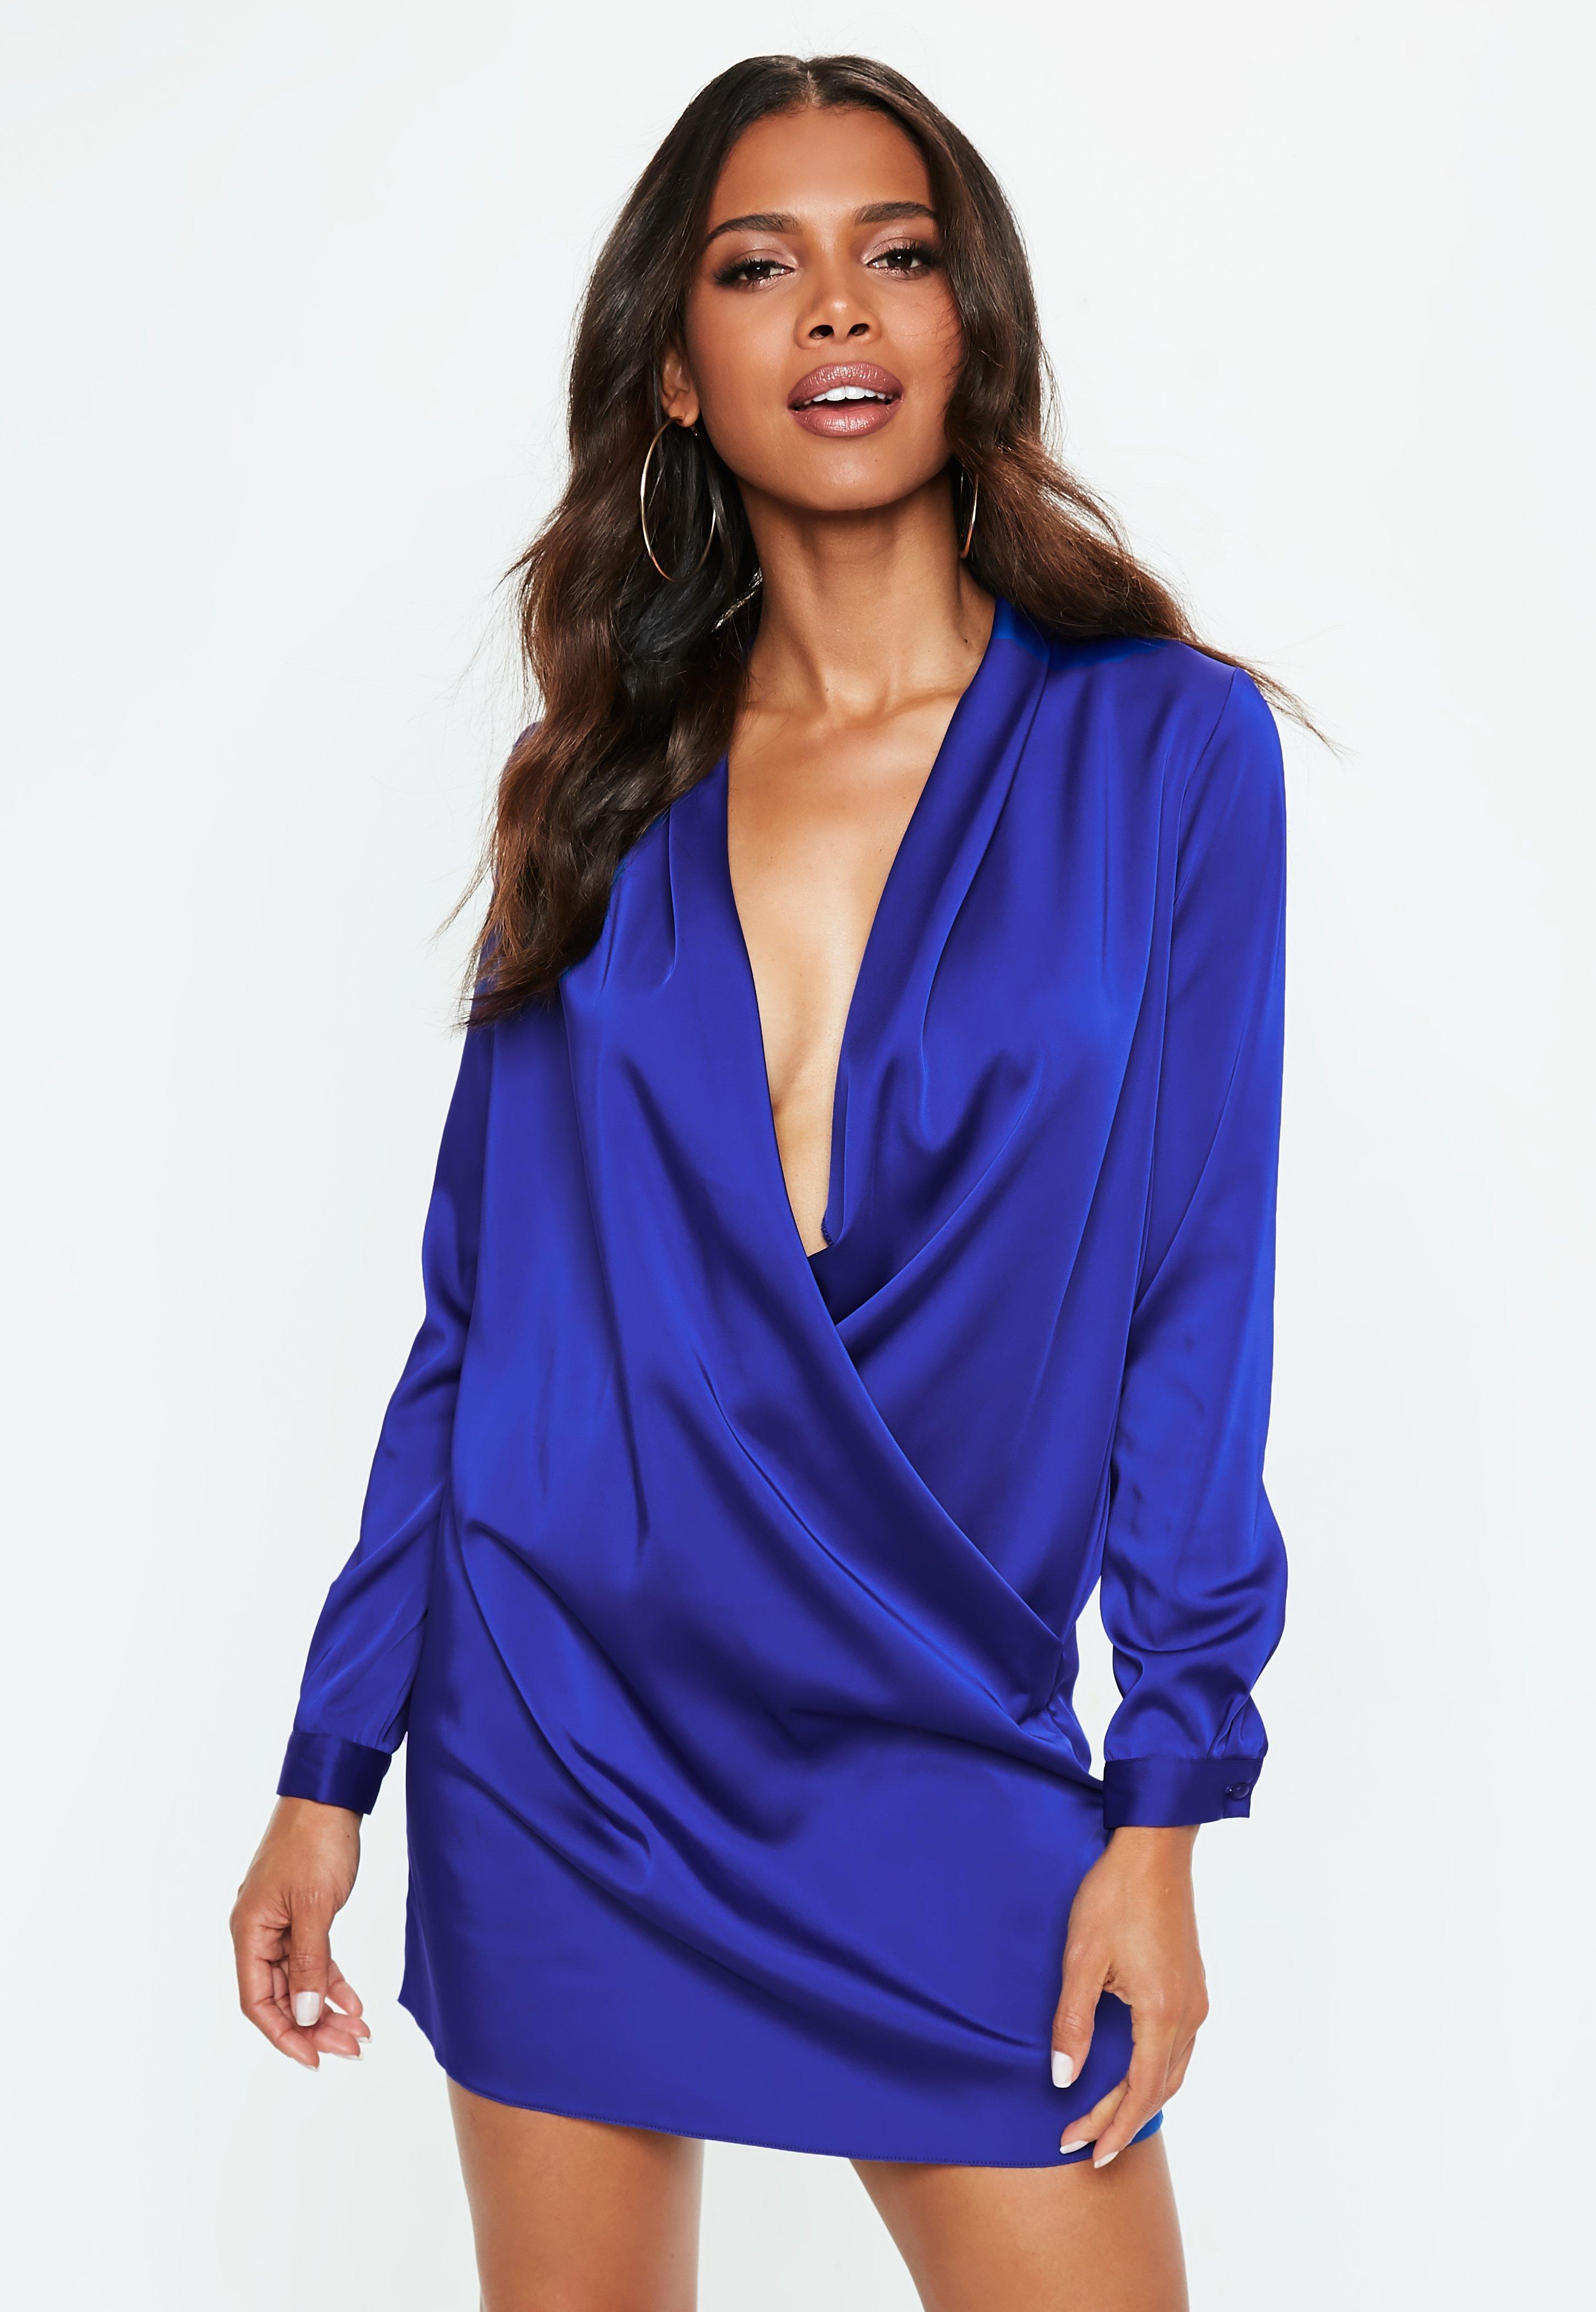 Blaues Satin-Kleid mit langen Ärmeln und tiefem Ausschnitt | Missguided